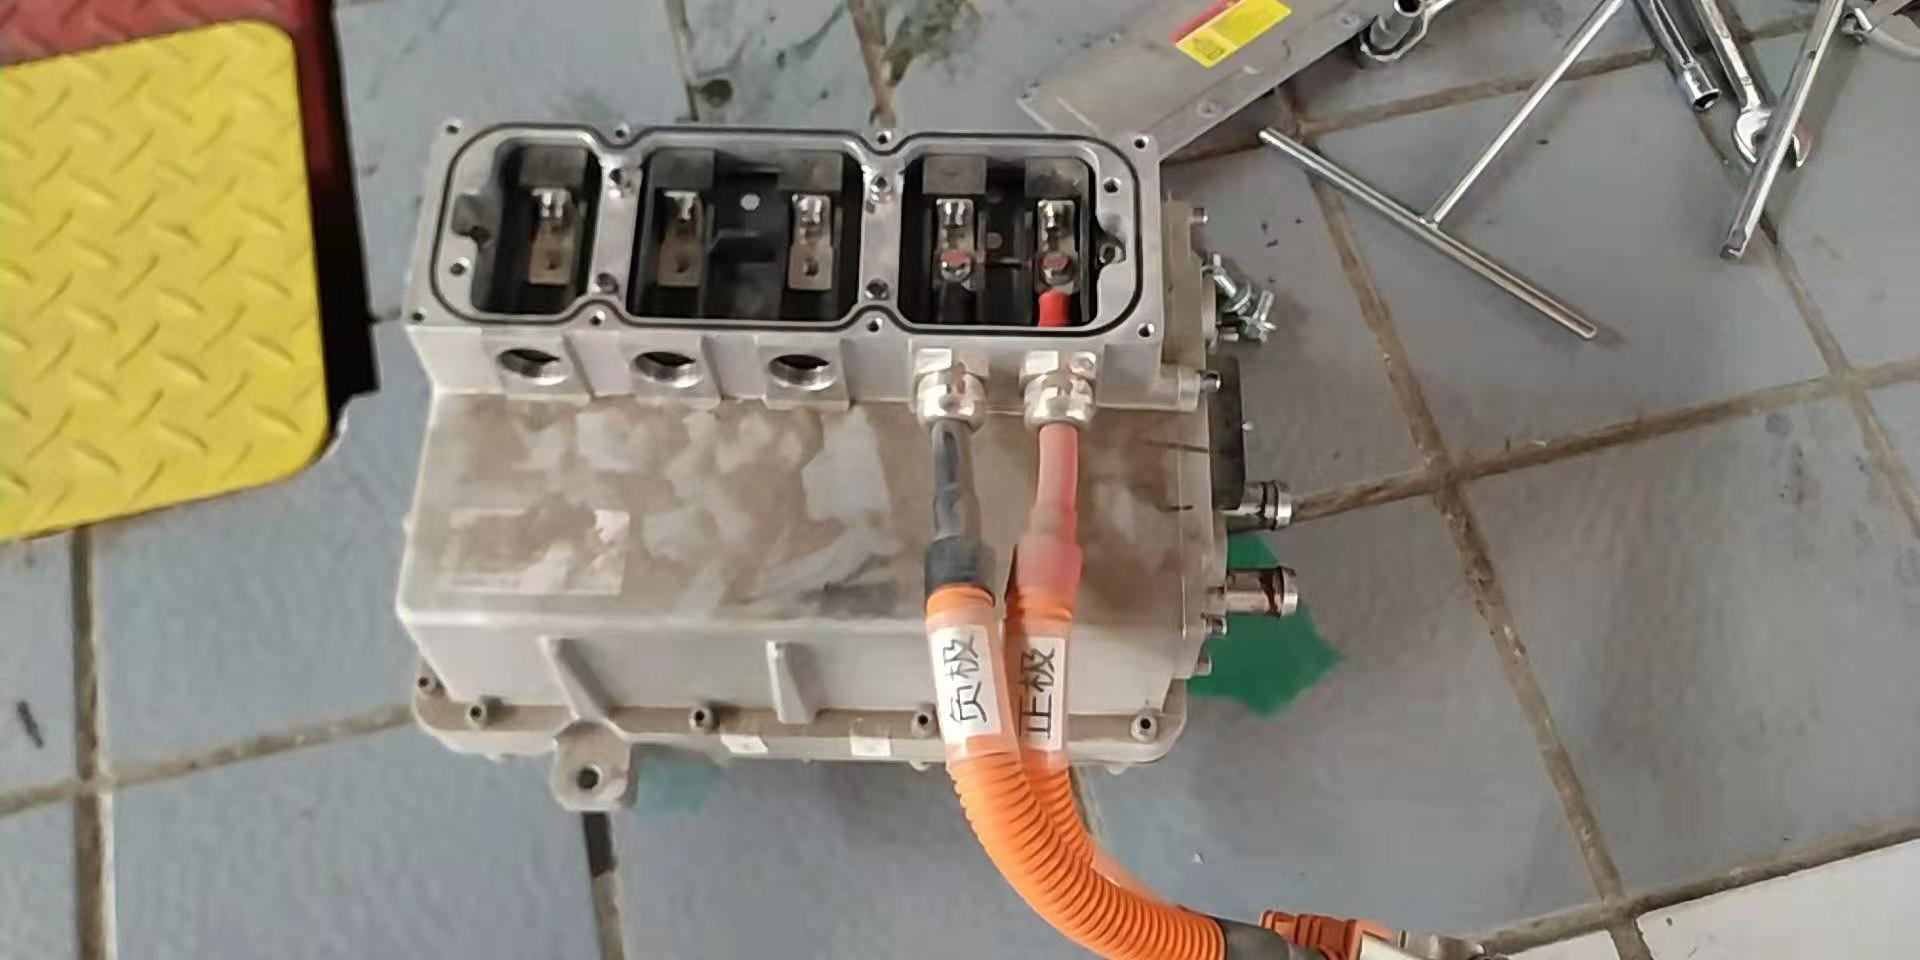 众泰-众泰E200 电控系统多次出现故障,售后配件迟迟未到货